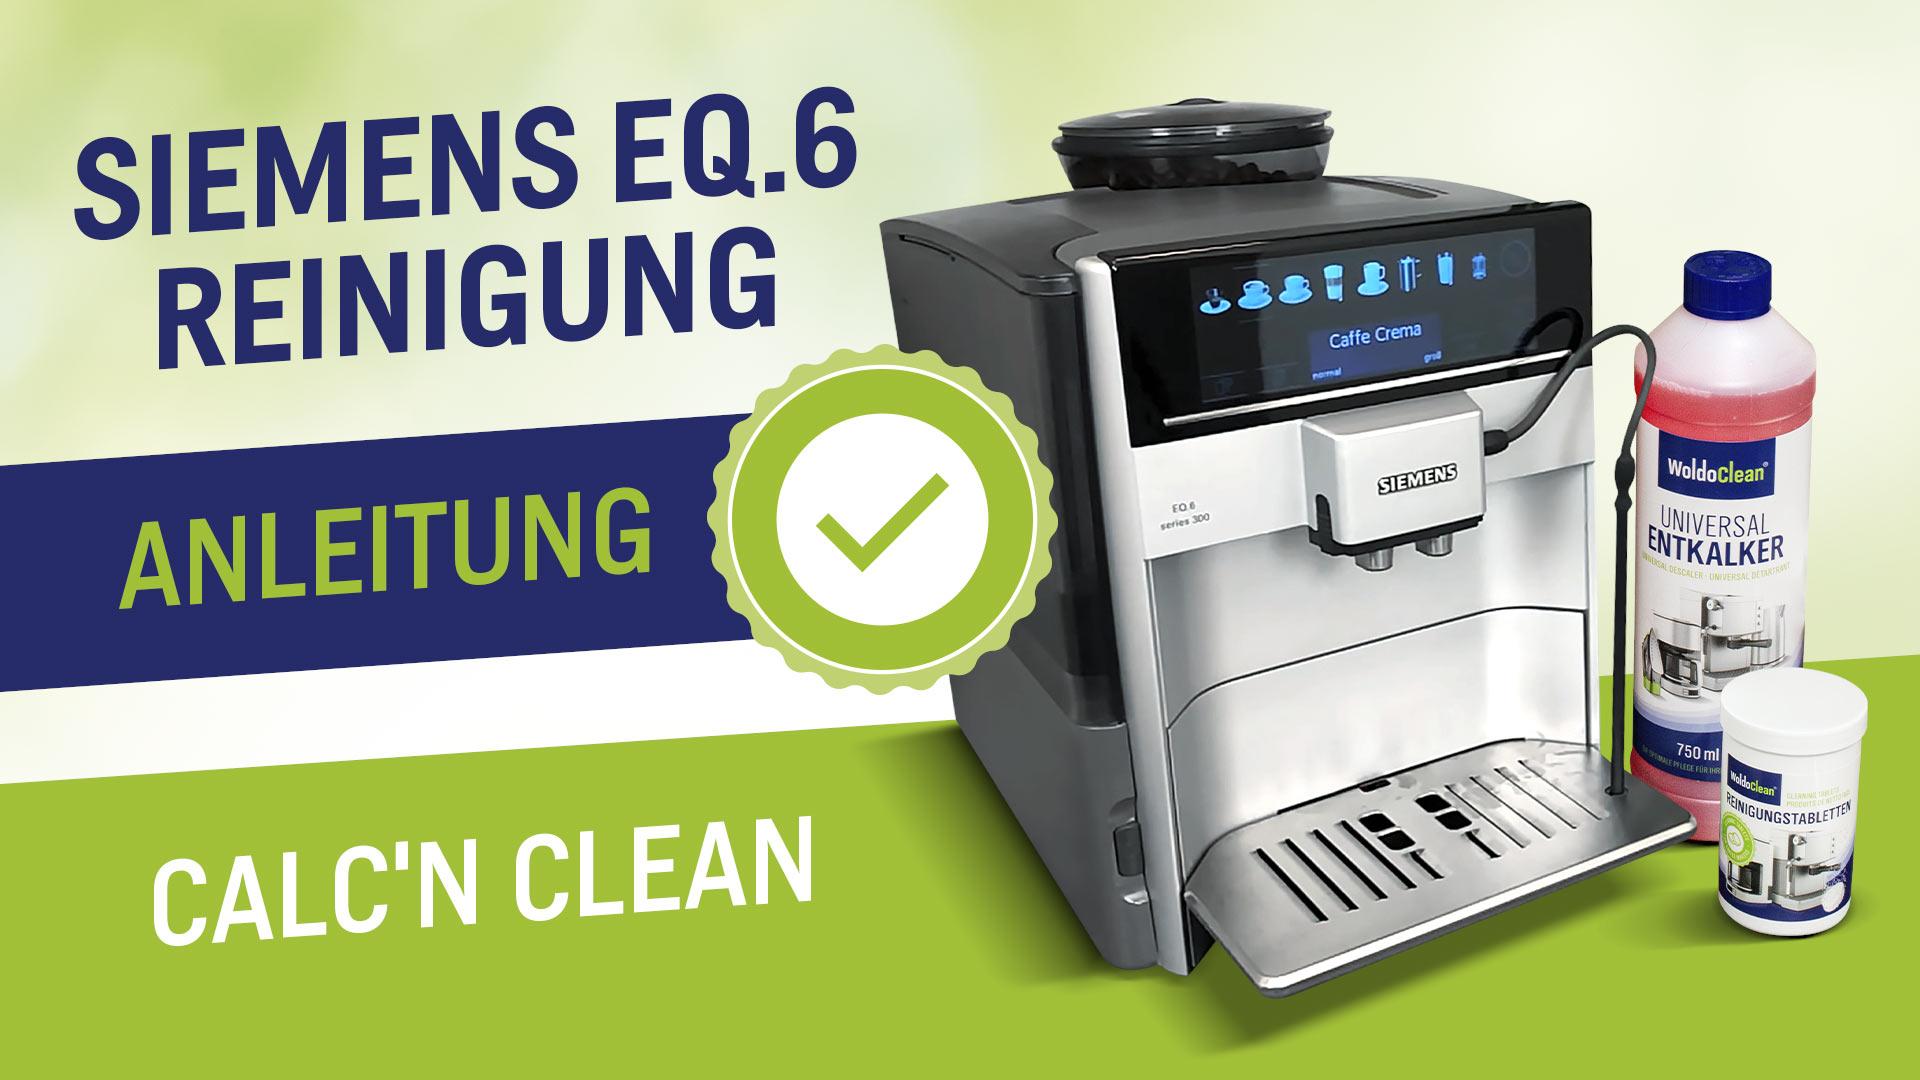 Jak správně vyčistit a odvápnit Siemens EQ6?